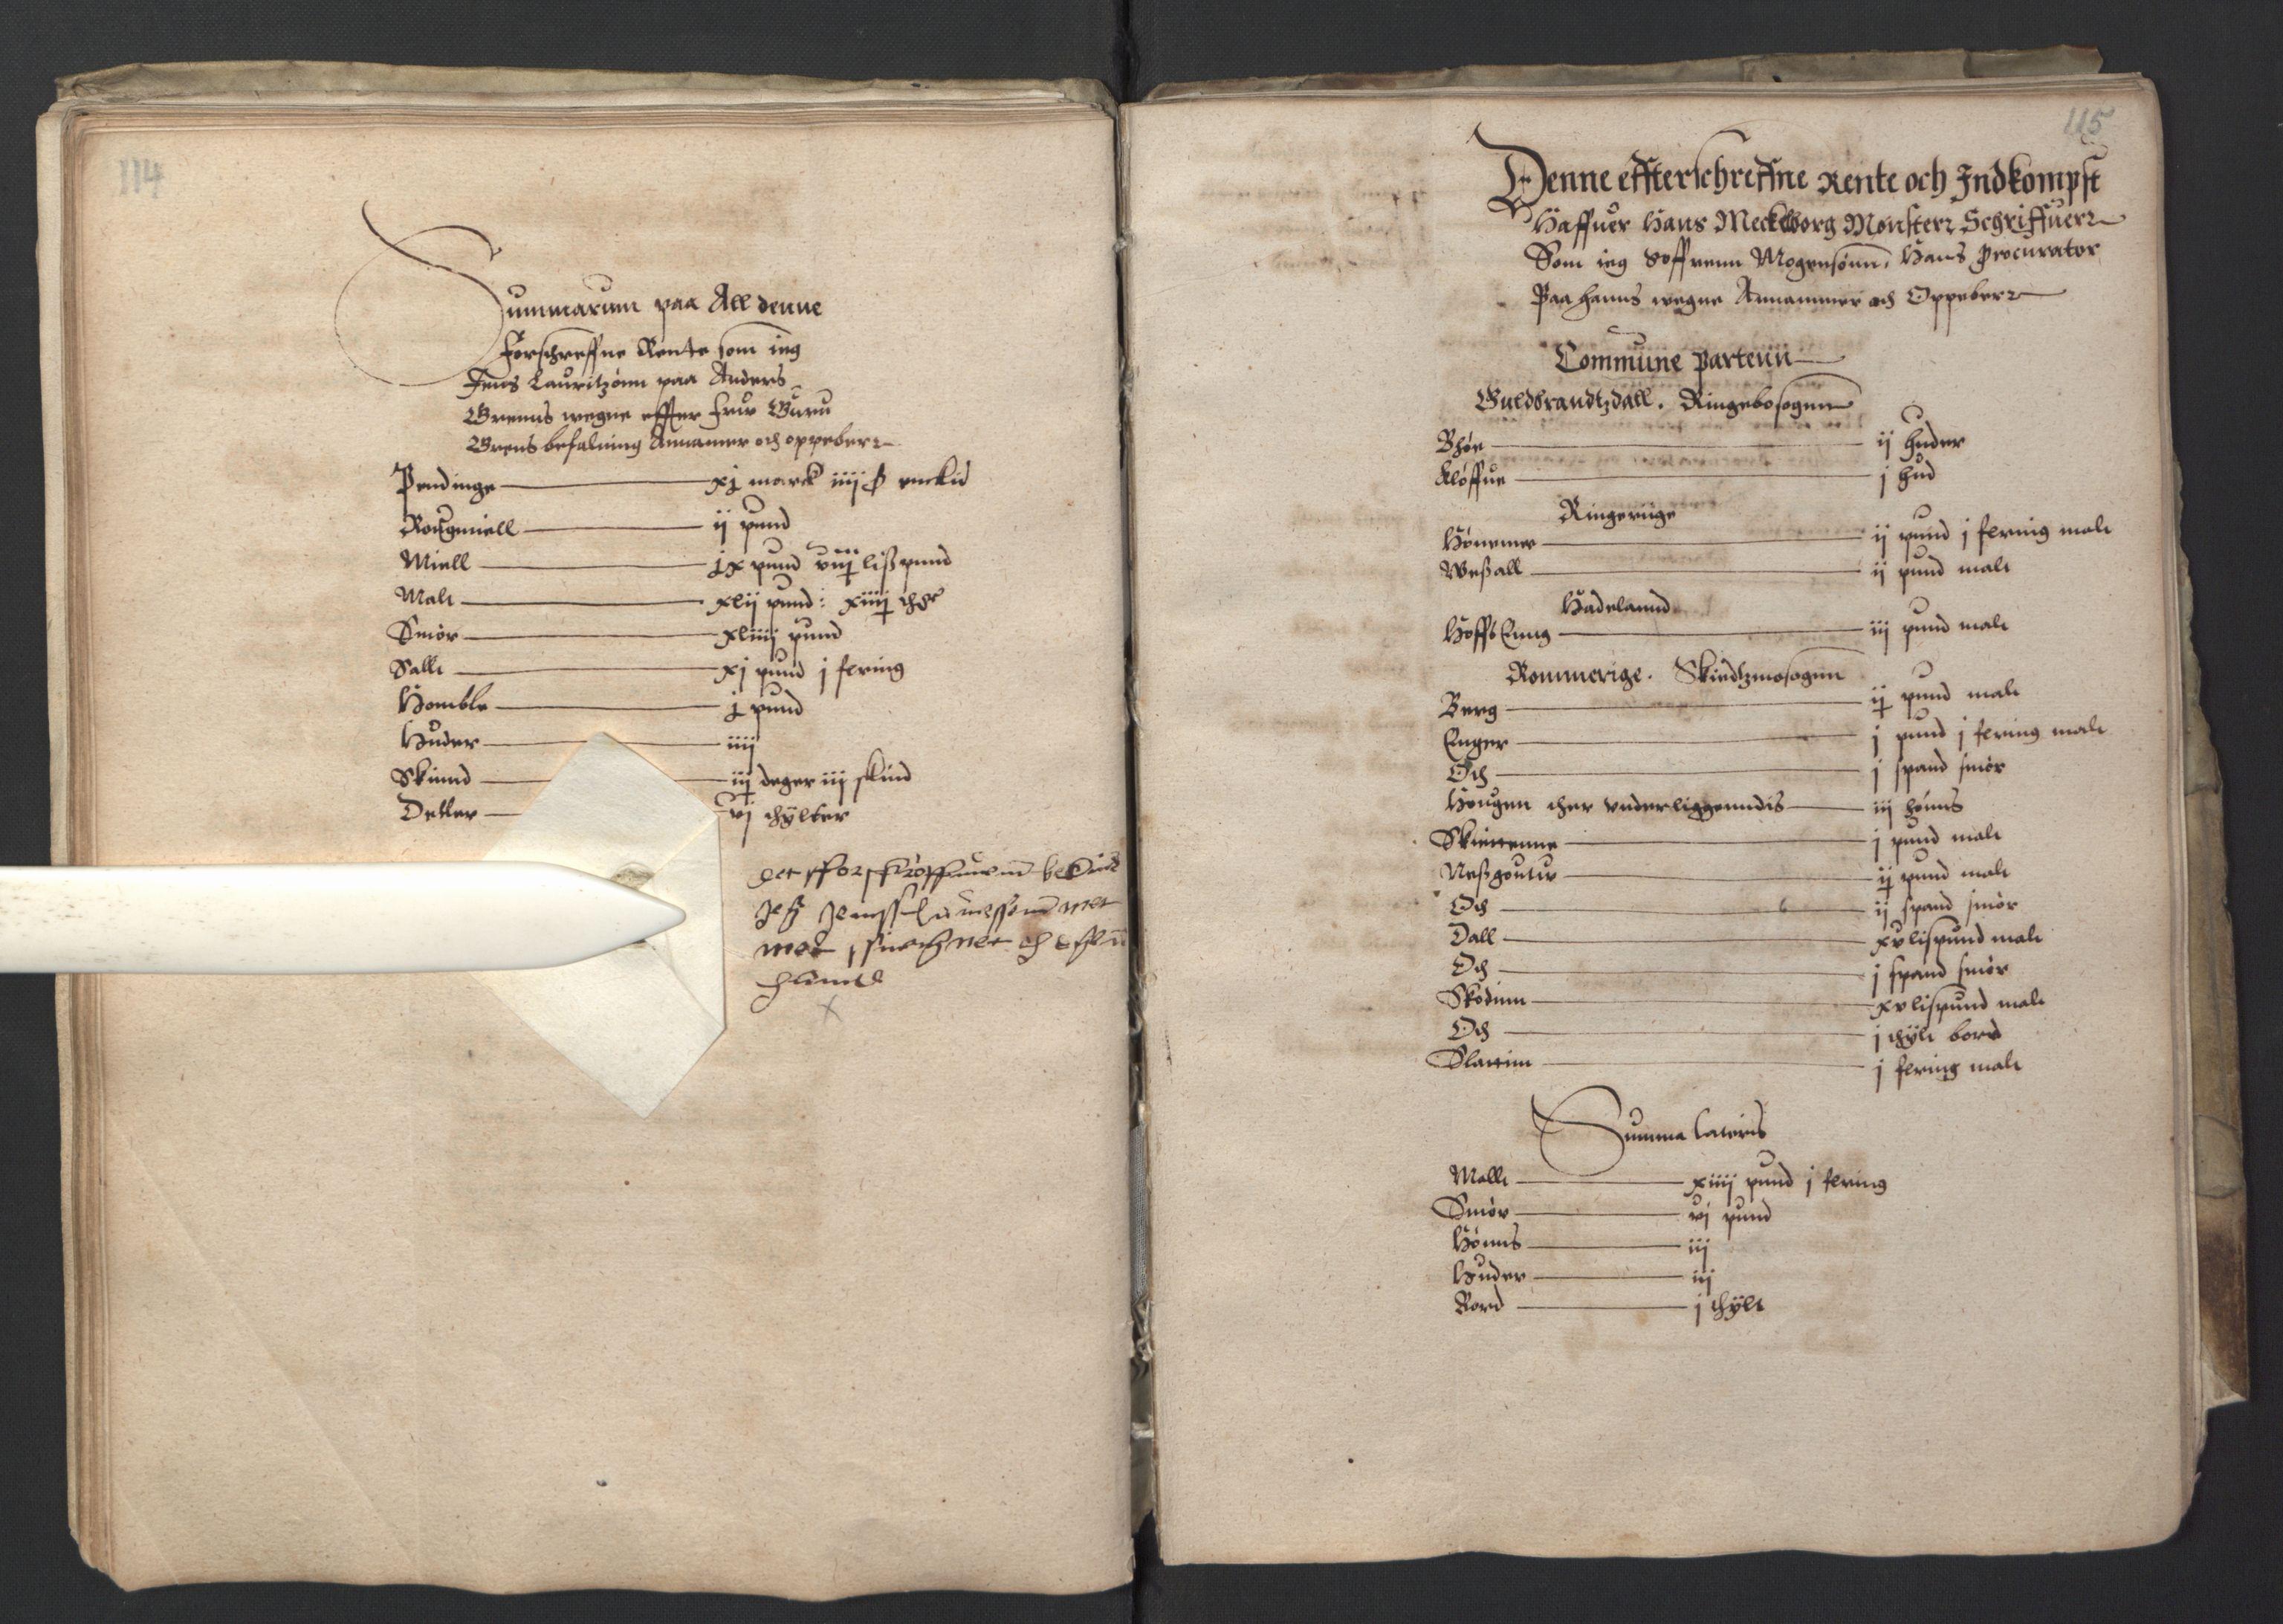 RA, Stattholderembetet 1572-1771, Ek/L0001: Jordebøker før 1624 og til utligning av garnisonsskatt 1624-1626:, 1595, s. 114-115